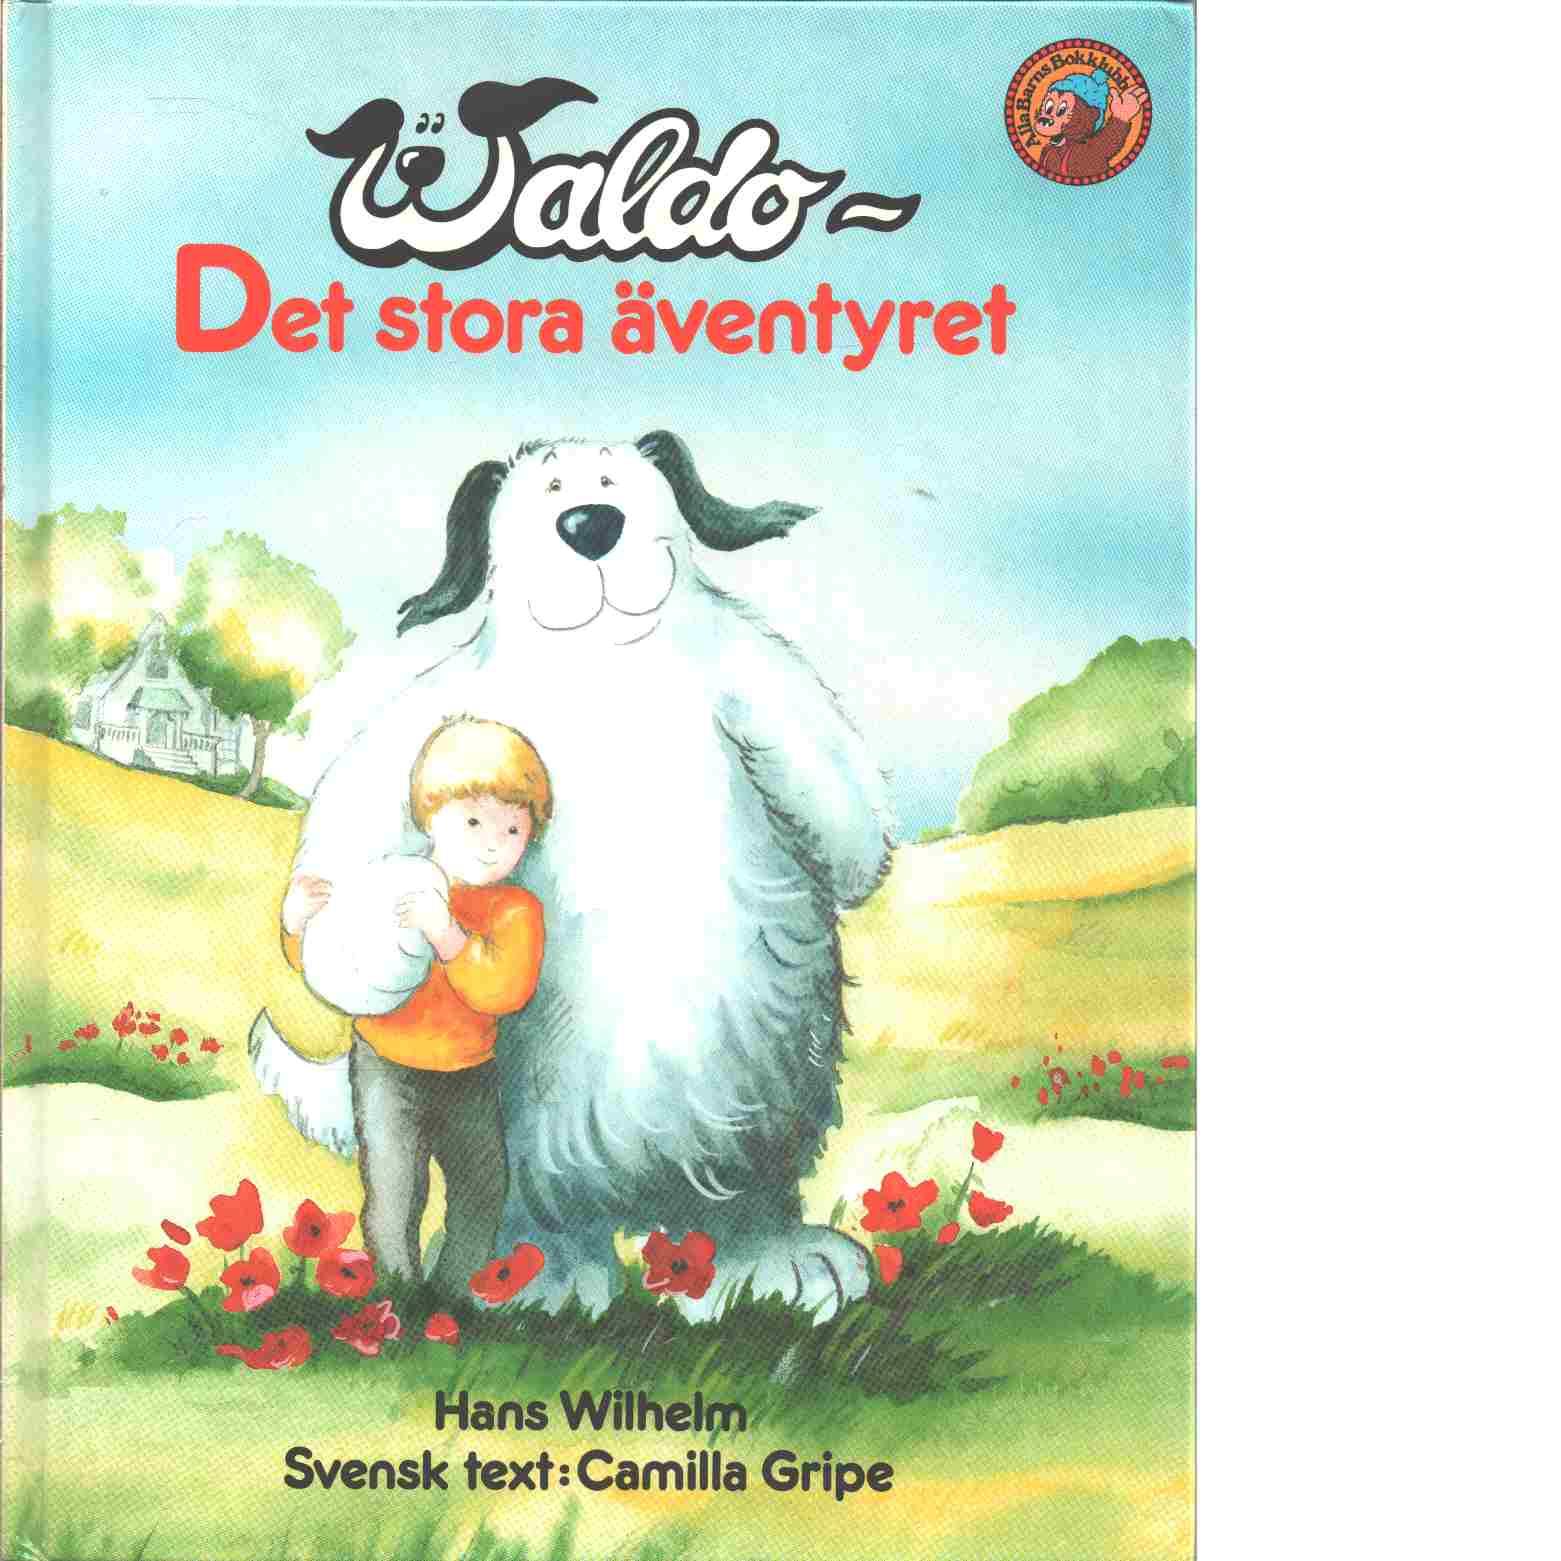 Waldo, Det Stora Äventyret by Wilhelm, Hans